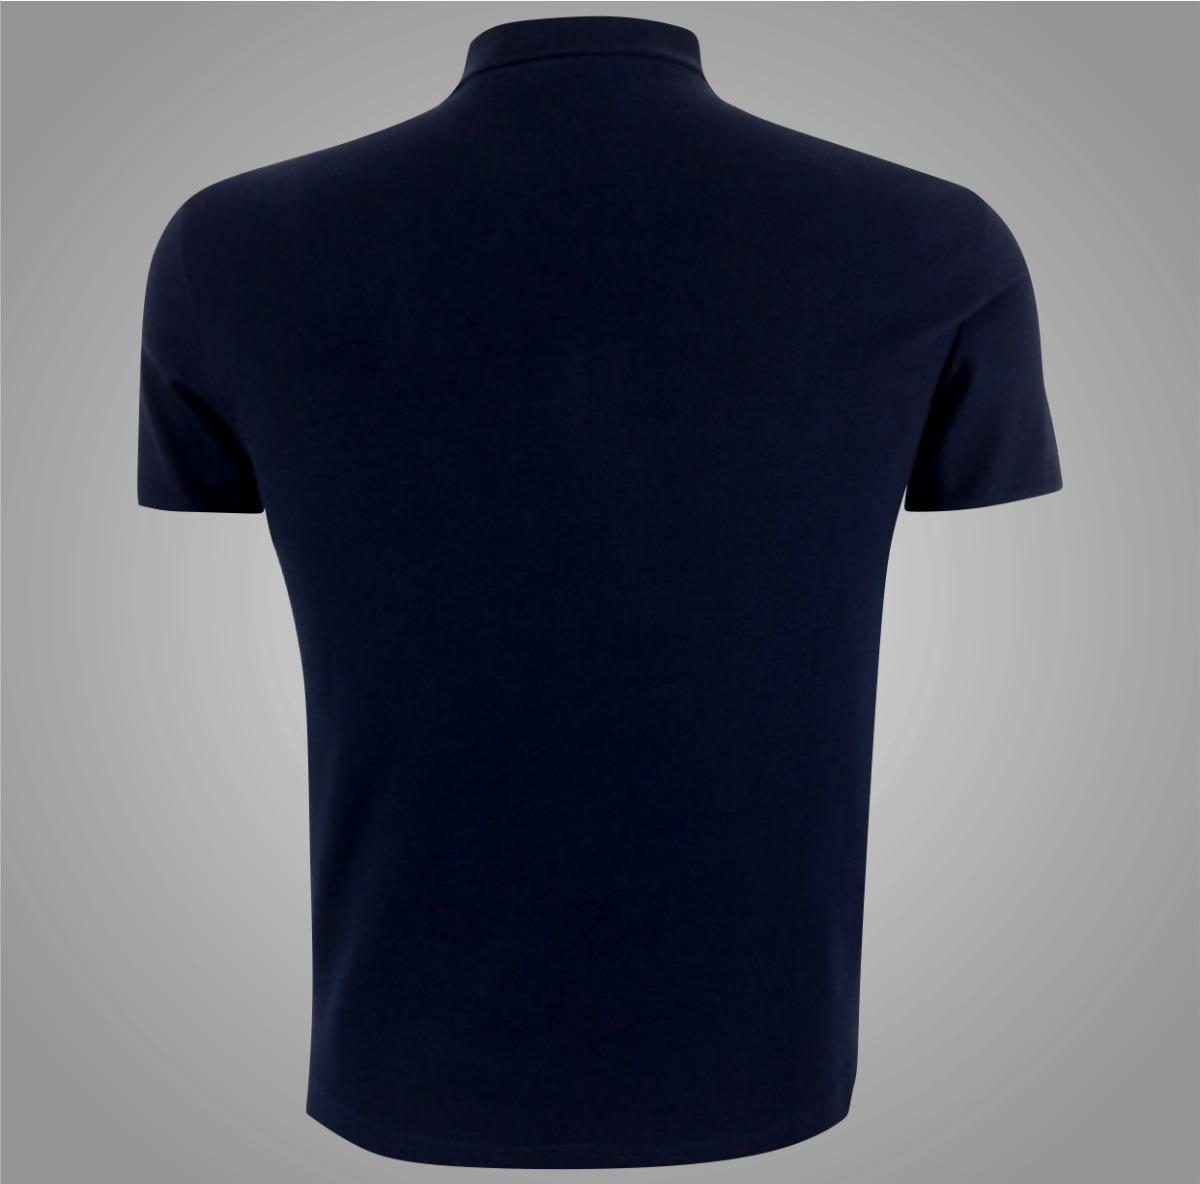 7d32684771 camisa polo varias cores polo lisa tradicional blusa polo. Carregando zoom.